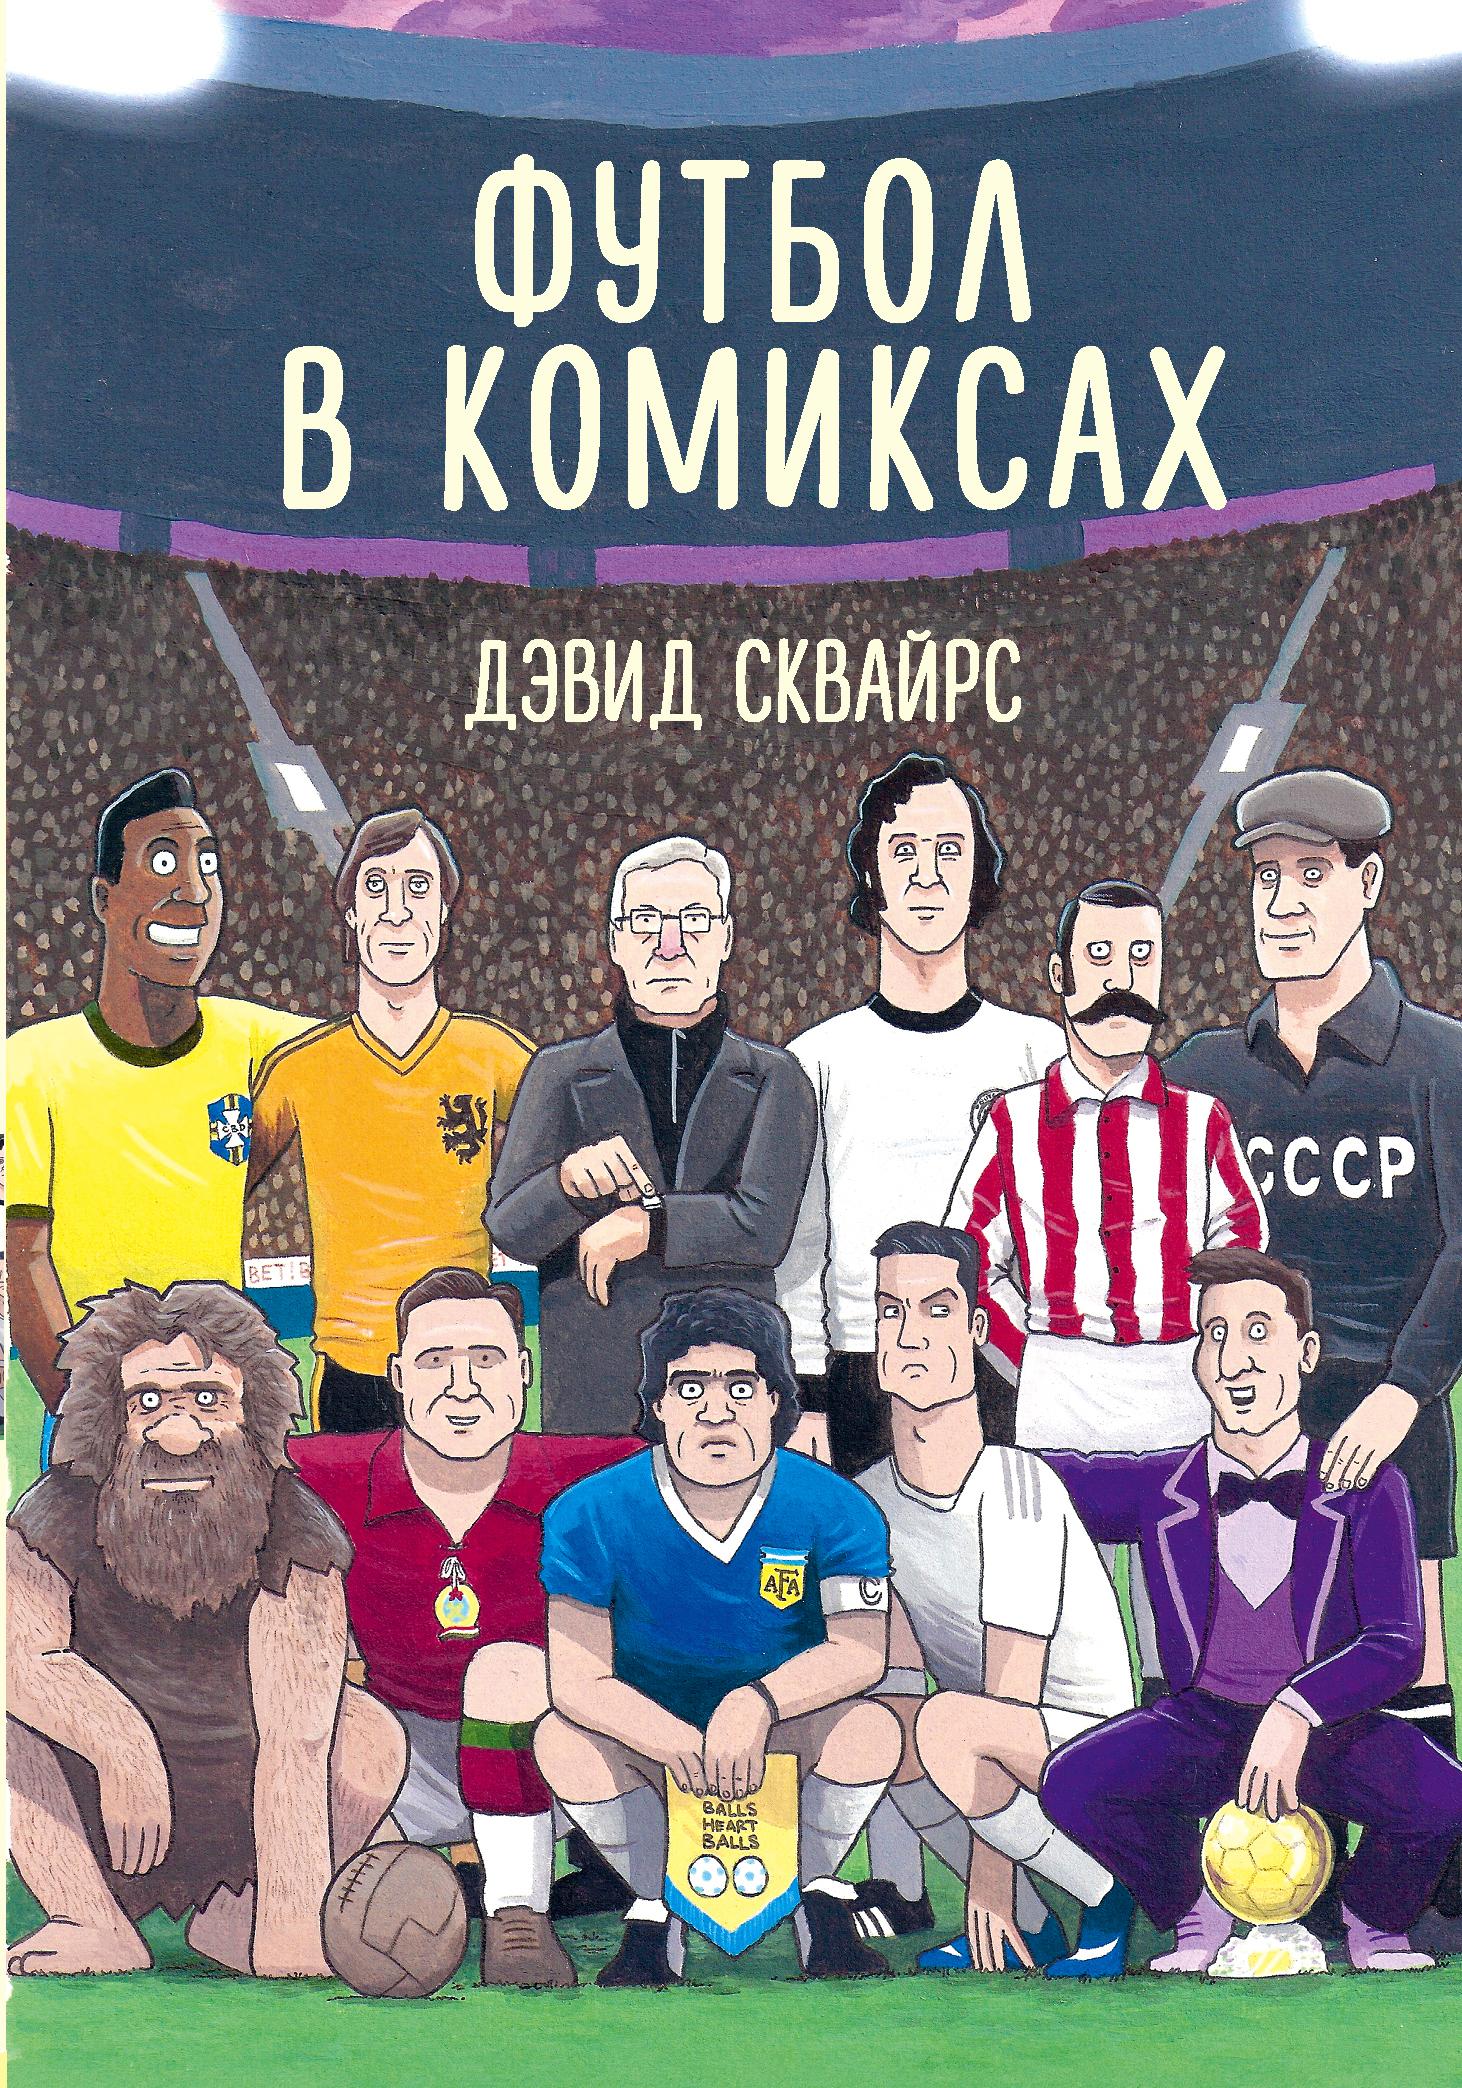 Футбол в комиксах ( Сквайрс Дэвид  )